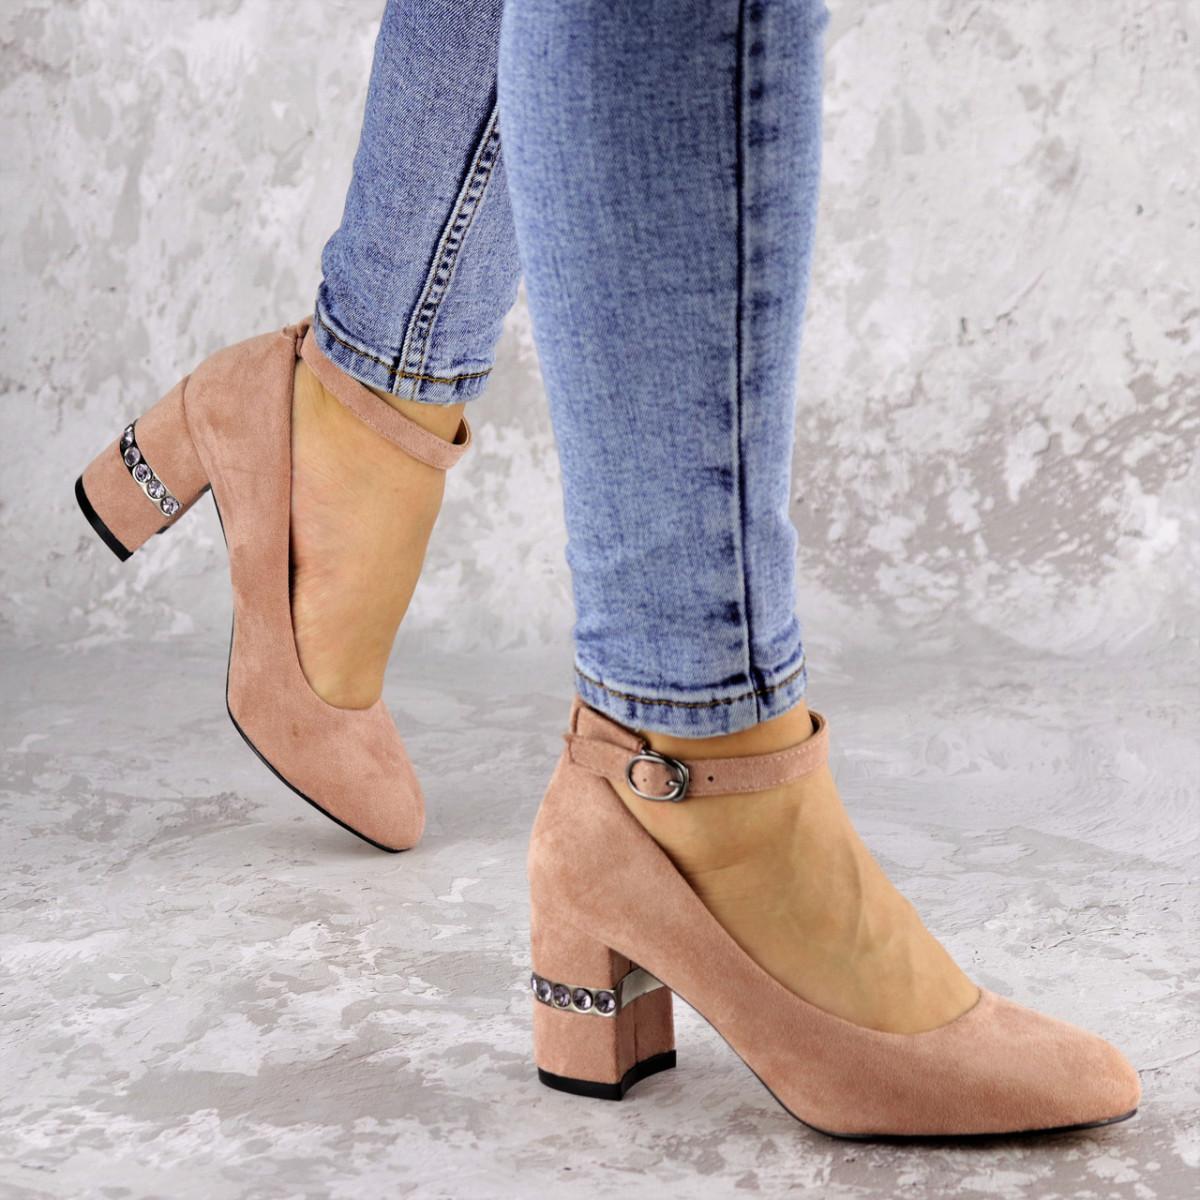 Женские туфли на каблуке розовые Bruno 2183 (36 размер)